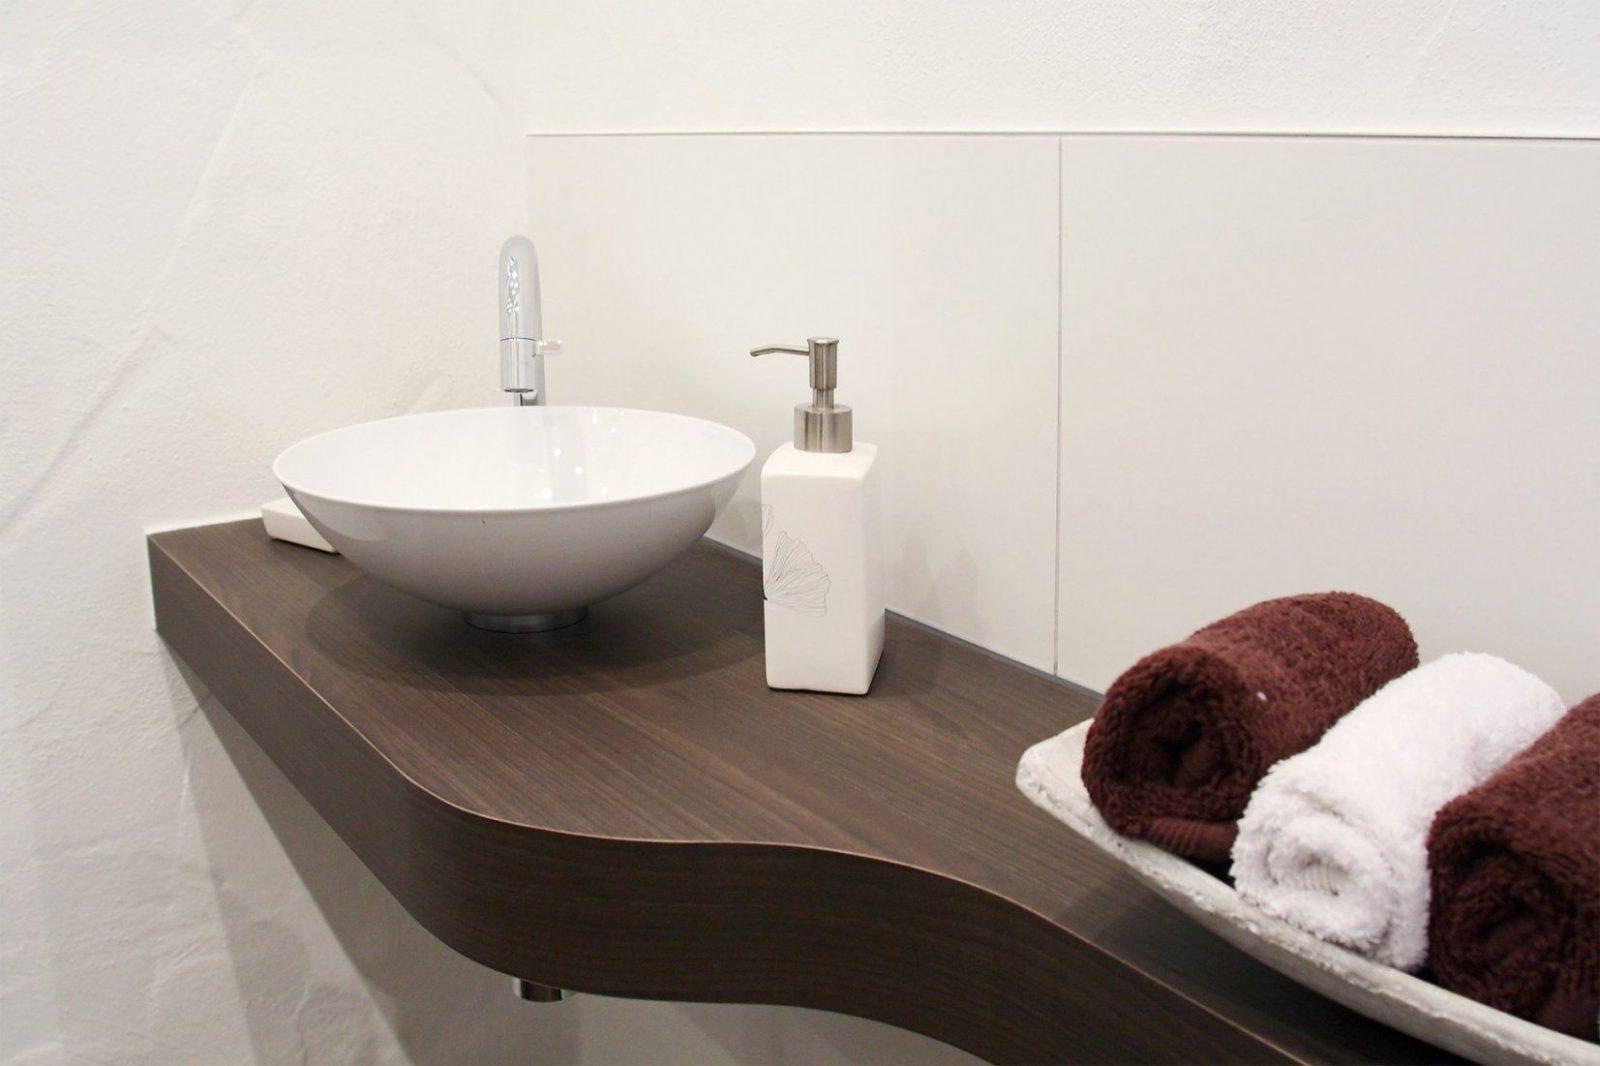 Schön Kleine Waschbecken Für Gäste Wc Für Waschbecken Mit von Villeroy Boch Gäste Wc Bild